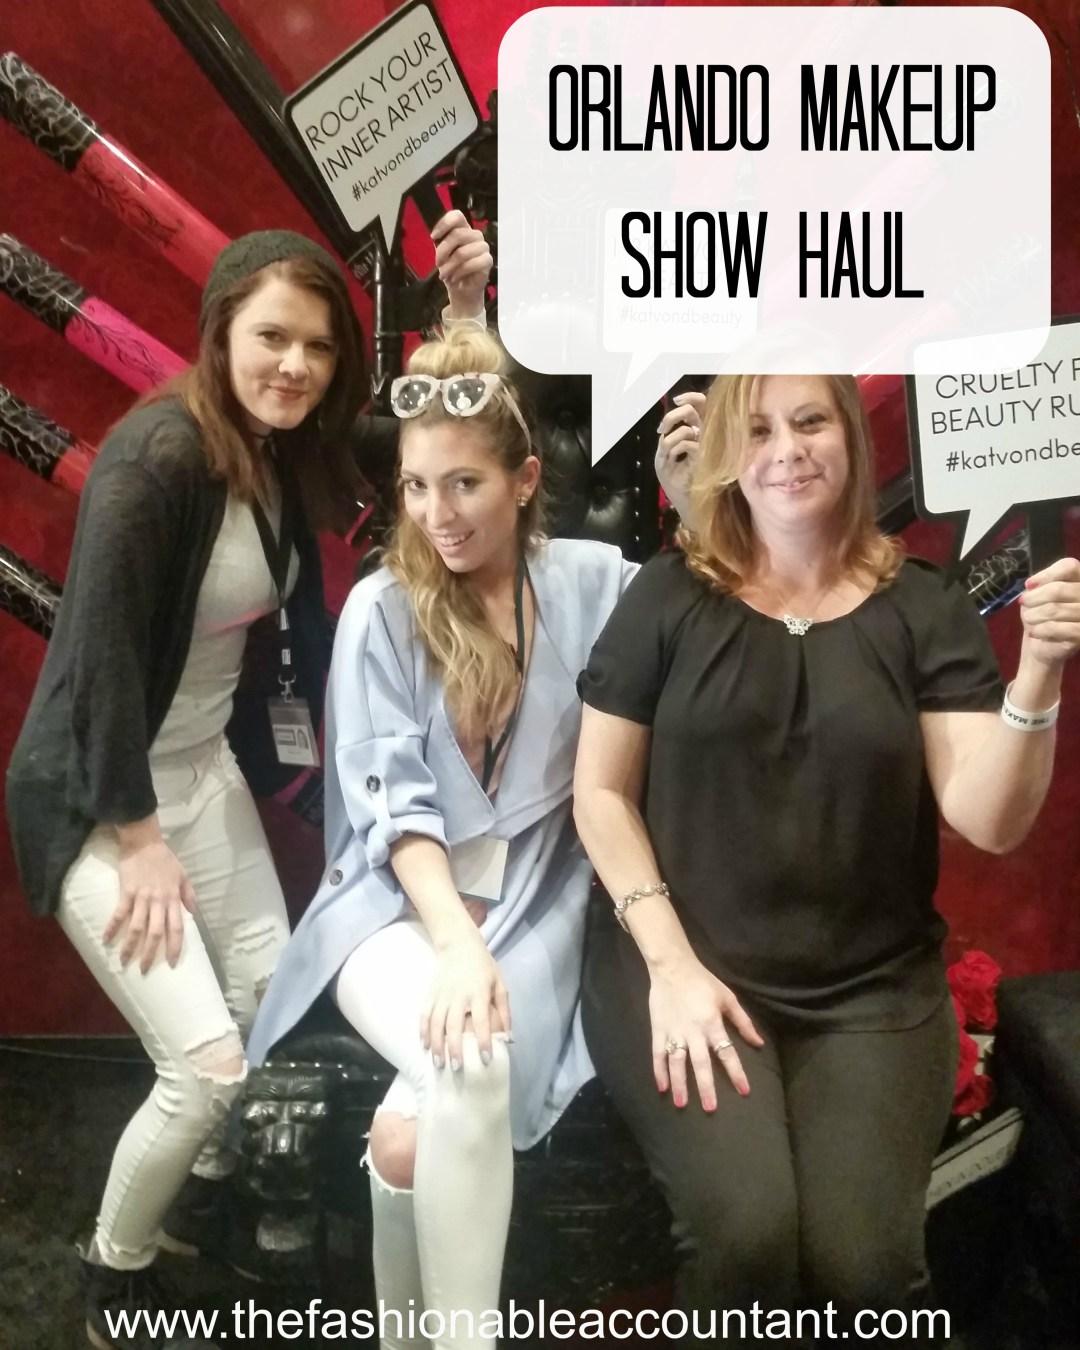 Orlando Makeup Show Haul